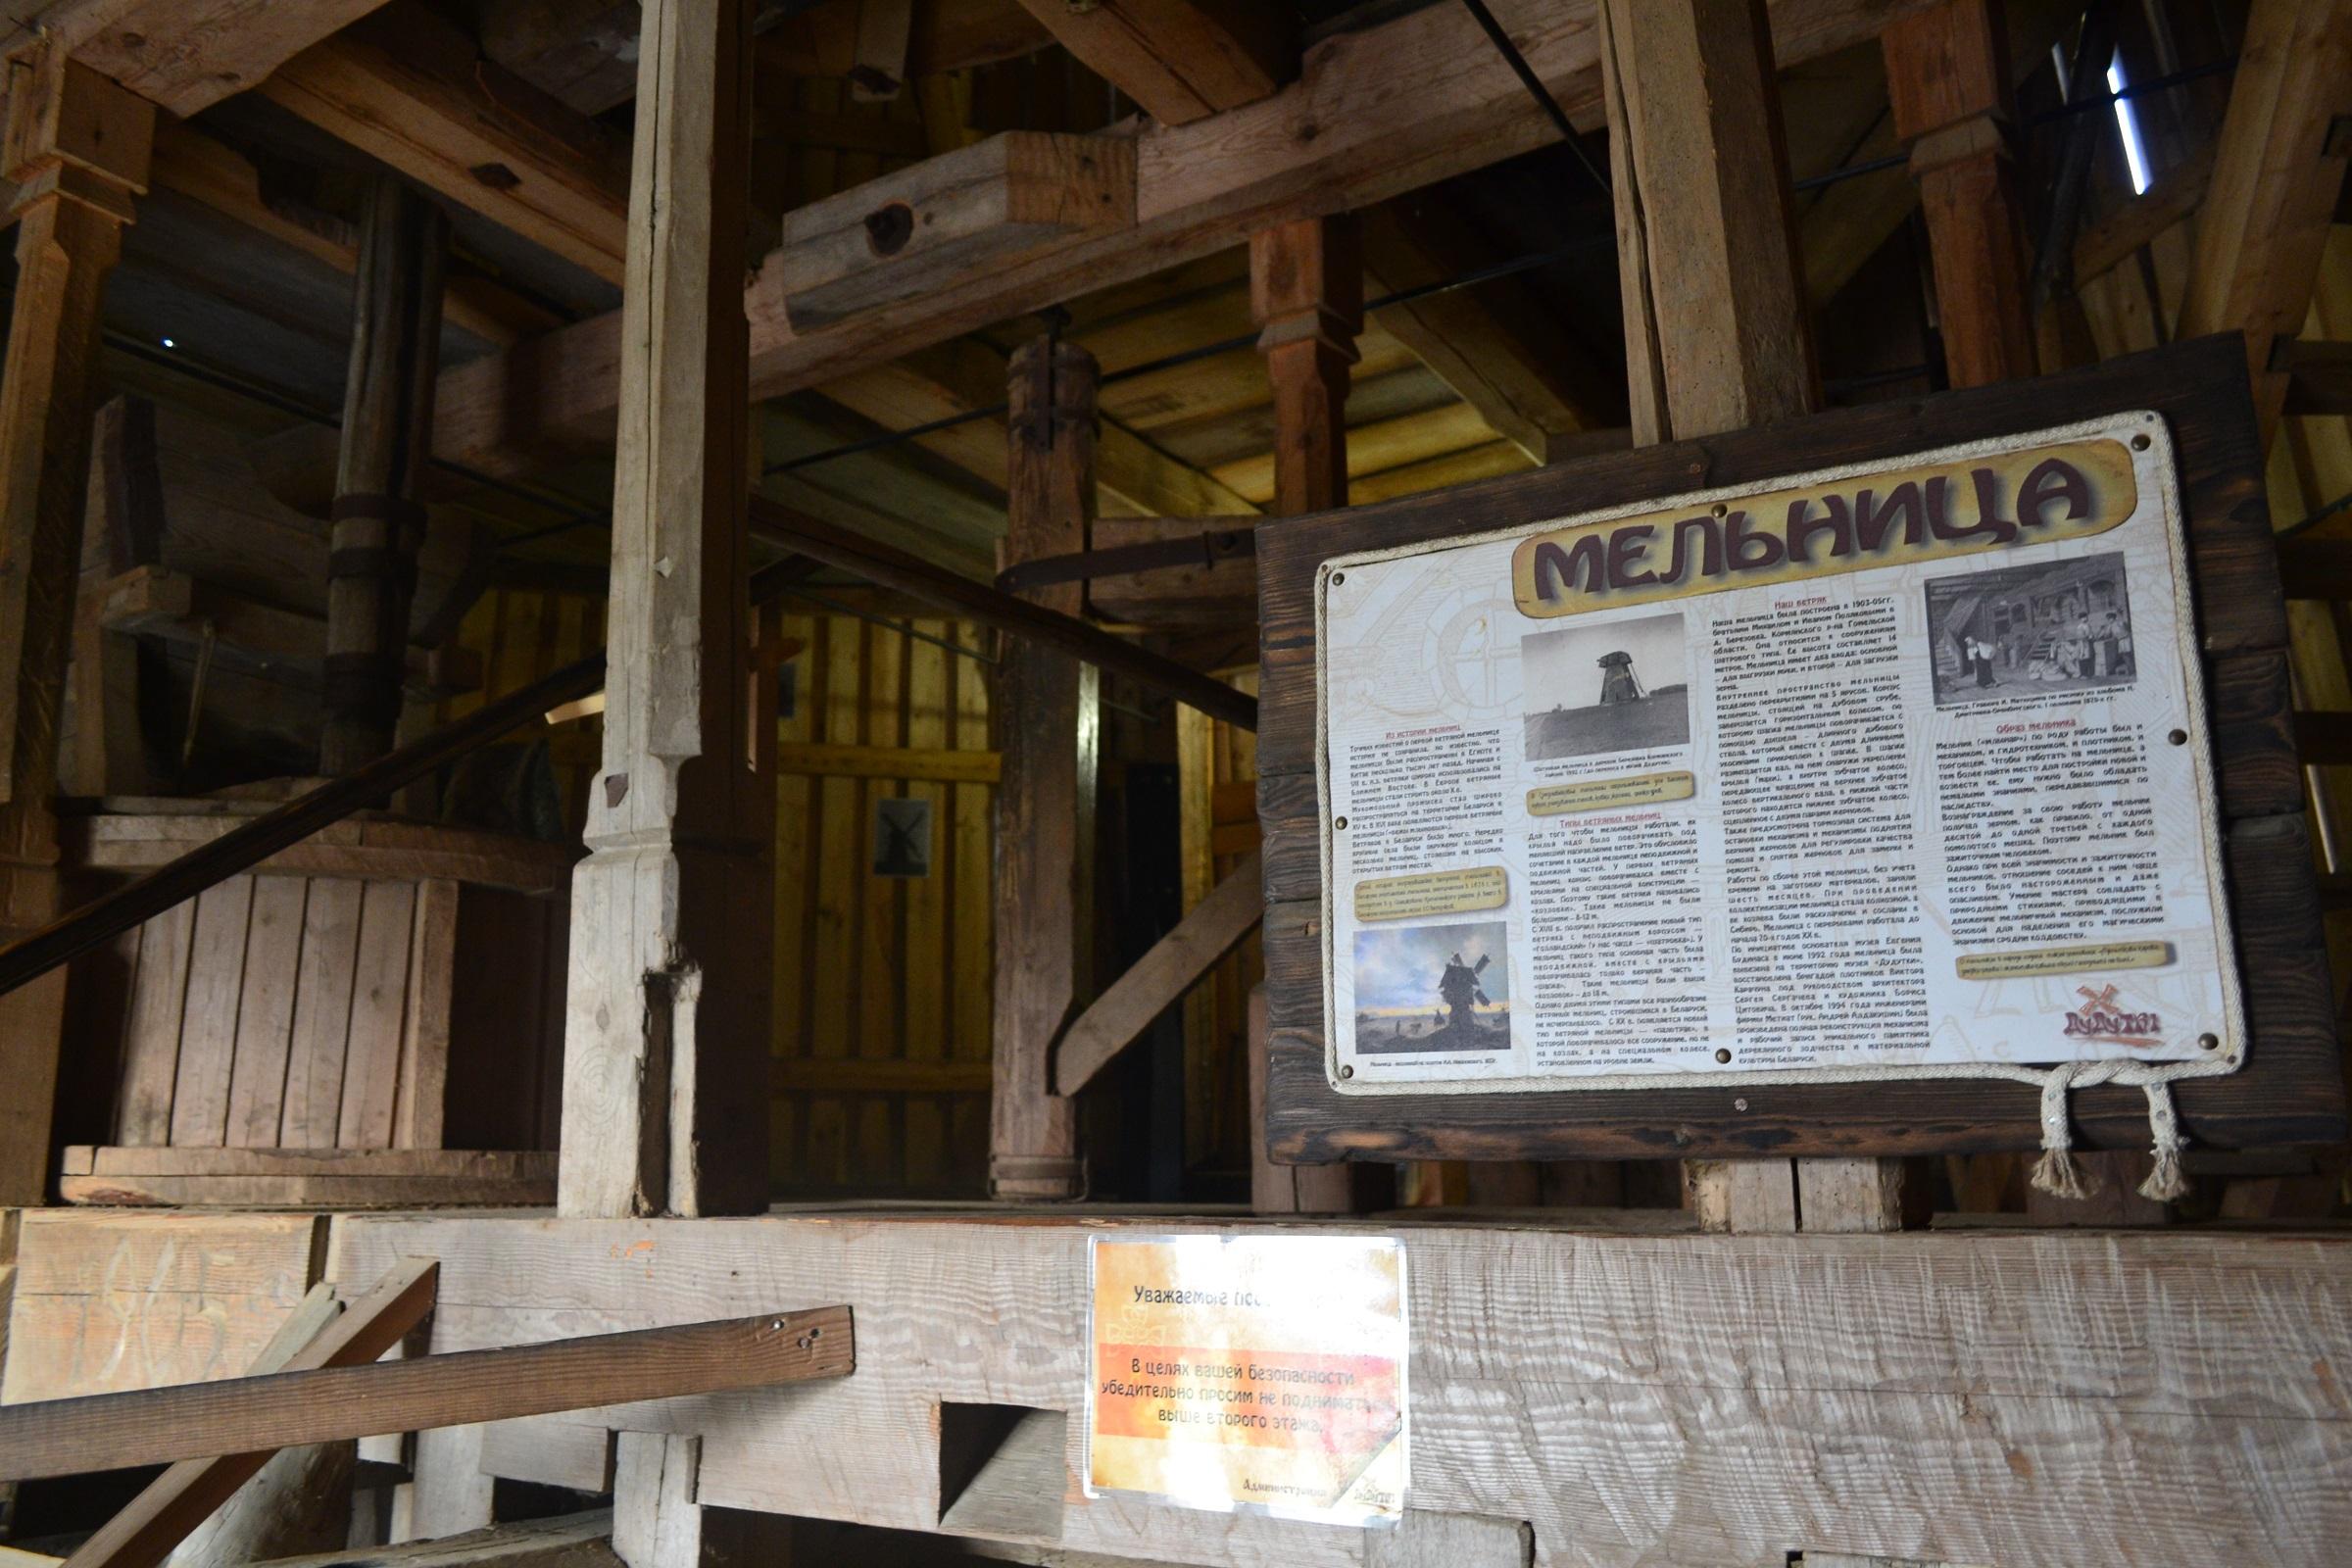 DSC 0775 1 - Музей Дудутки